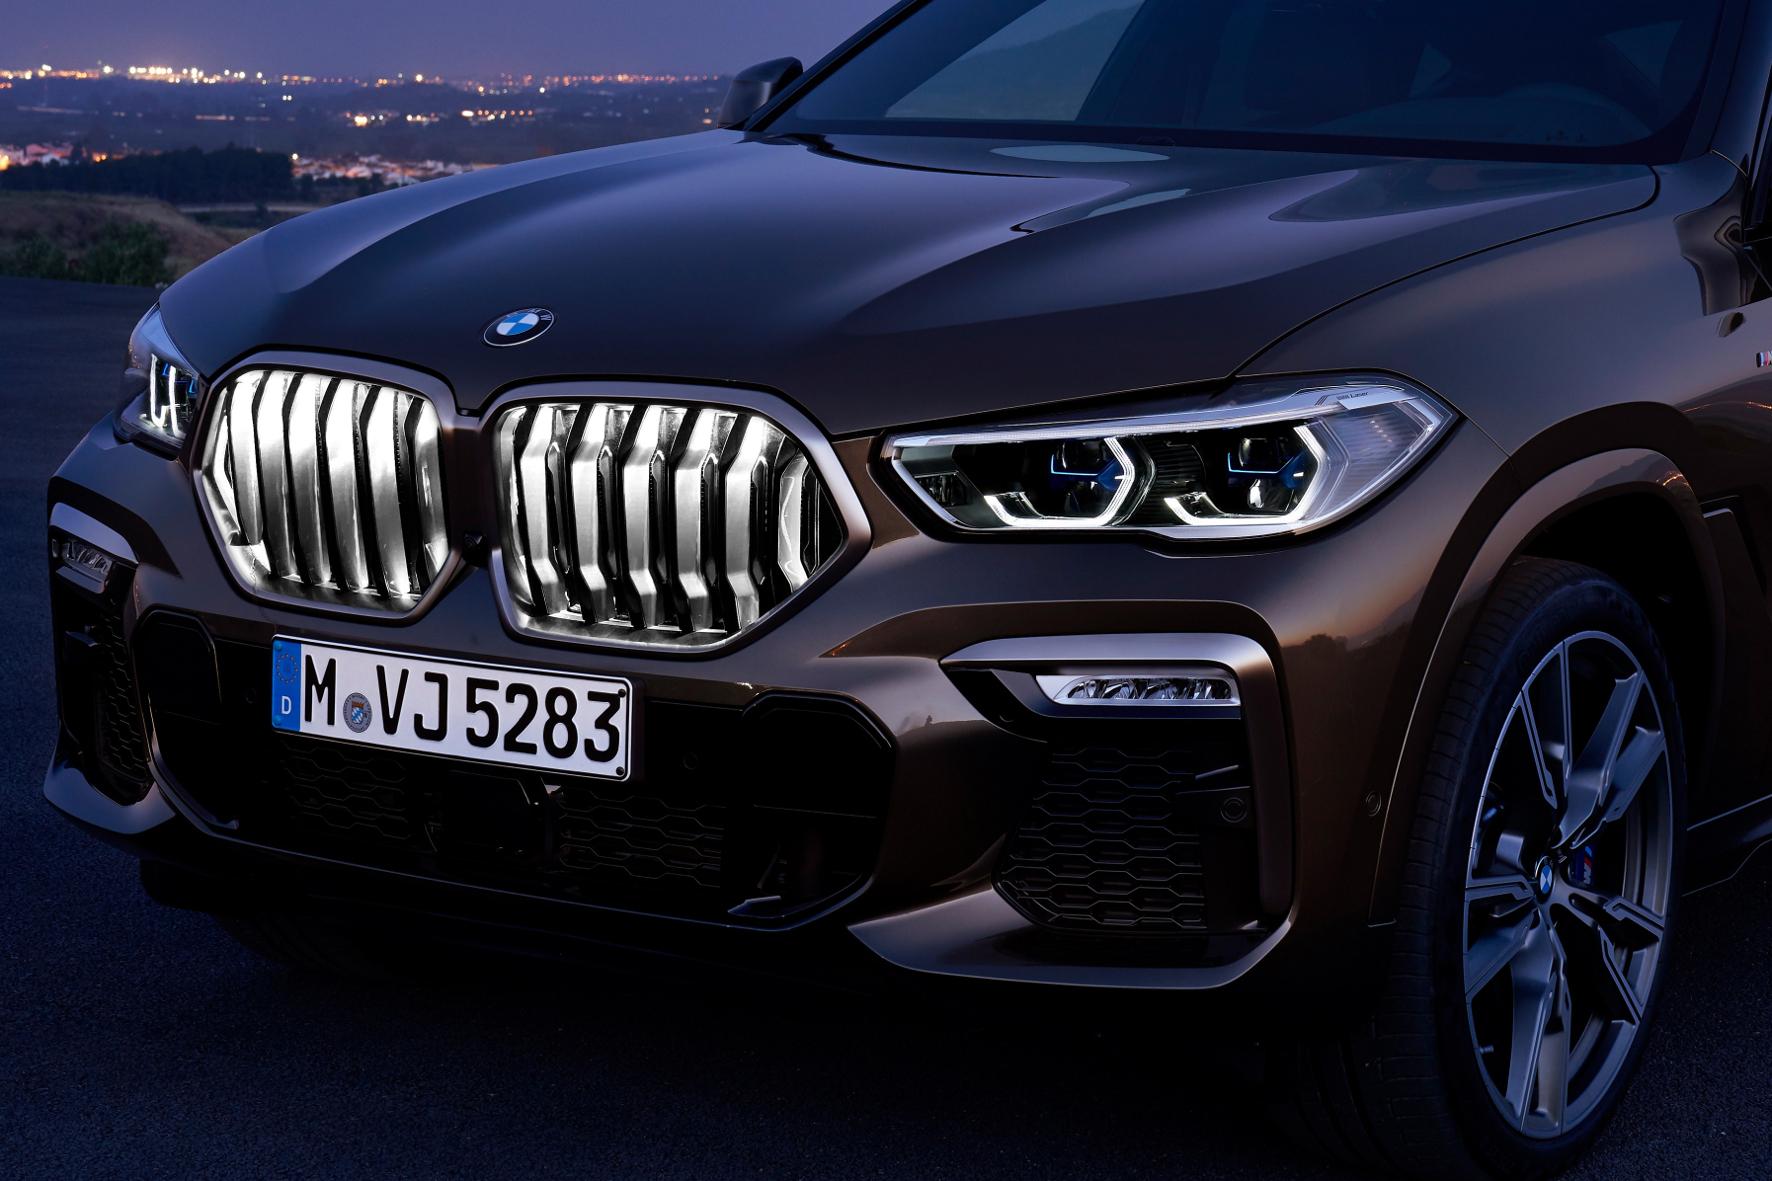 mid Groß-Gerau - Dem Grill geht ein Licht auf: Die beleuchtete Kühlerfront steht Kunden unter der Bezeichnung BMW